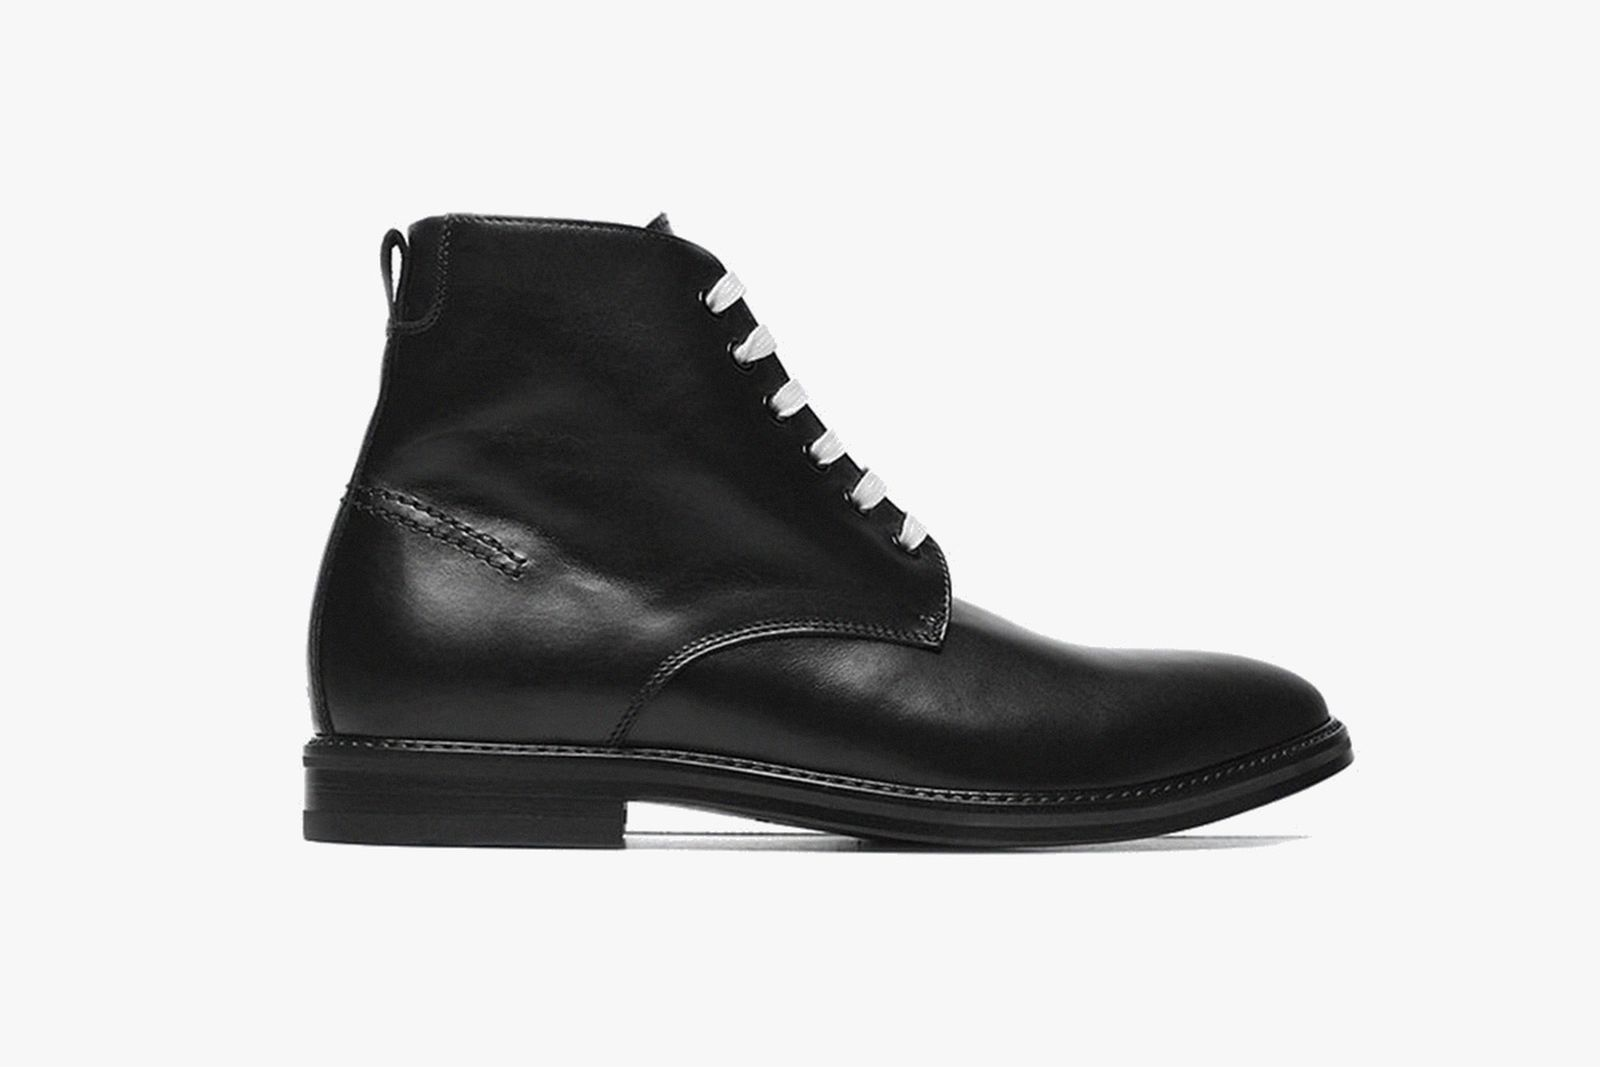 industry insiders reveal favorite non sneaker footwear choices Loewe cole haan dior